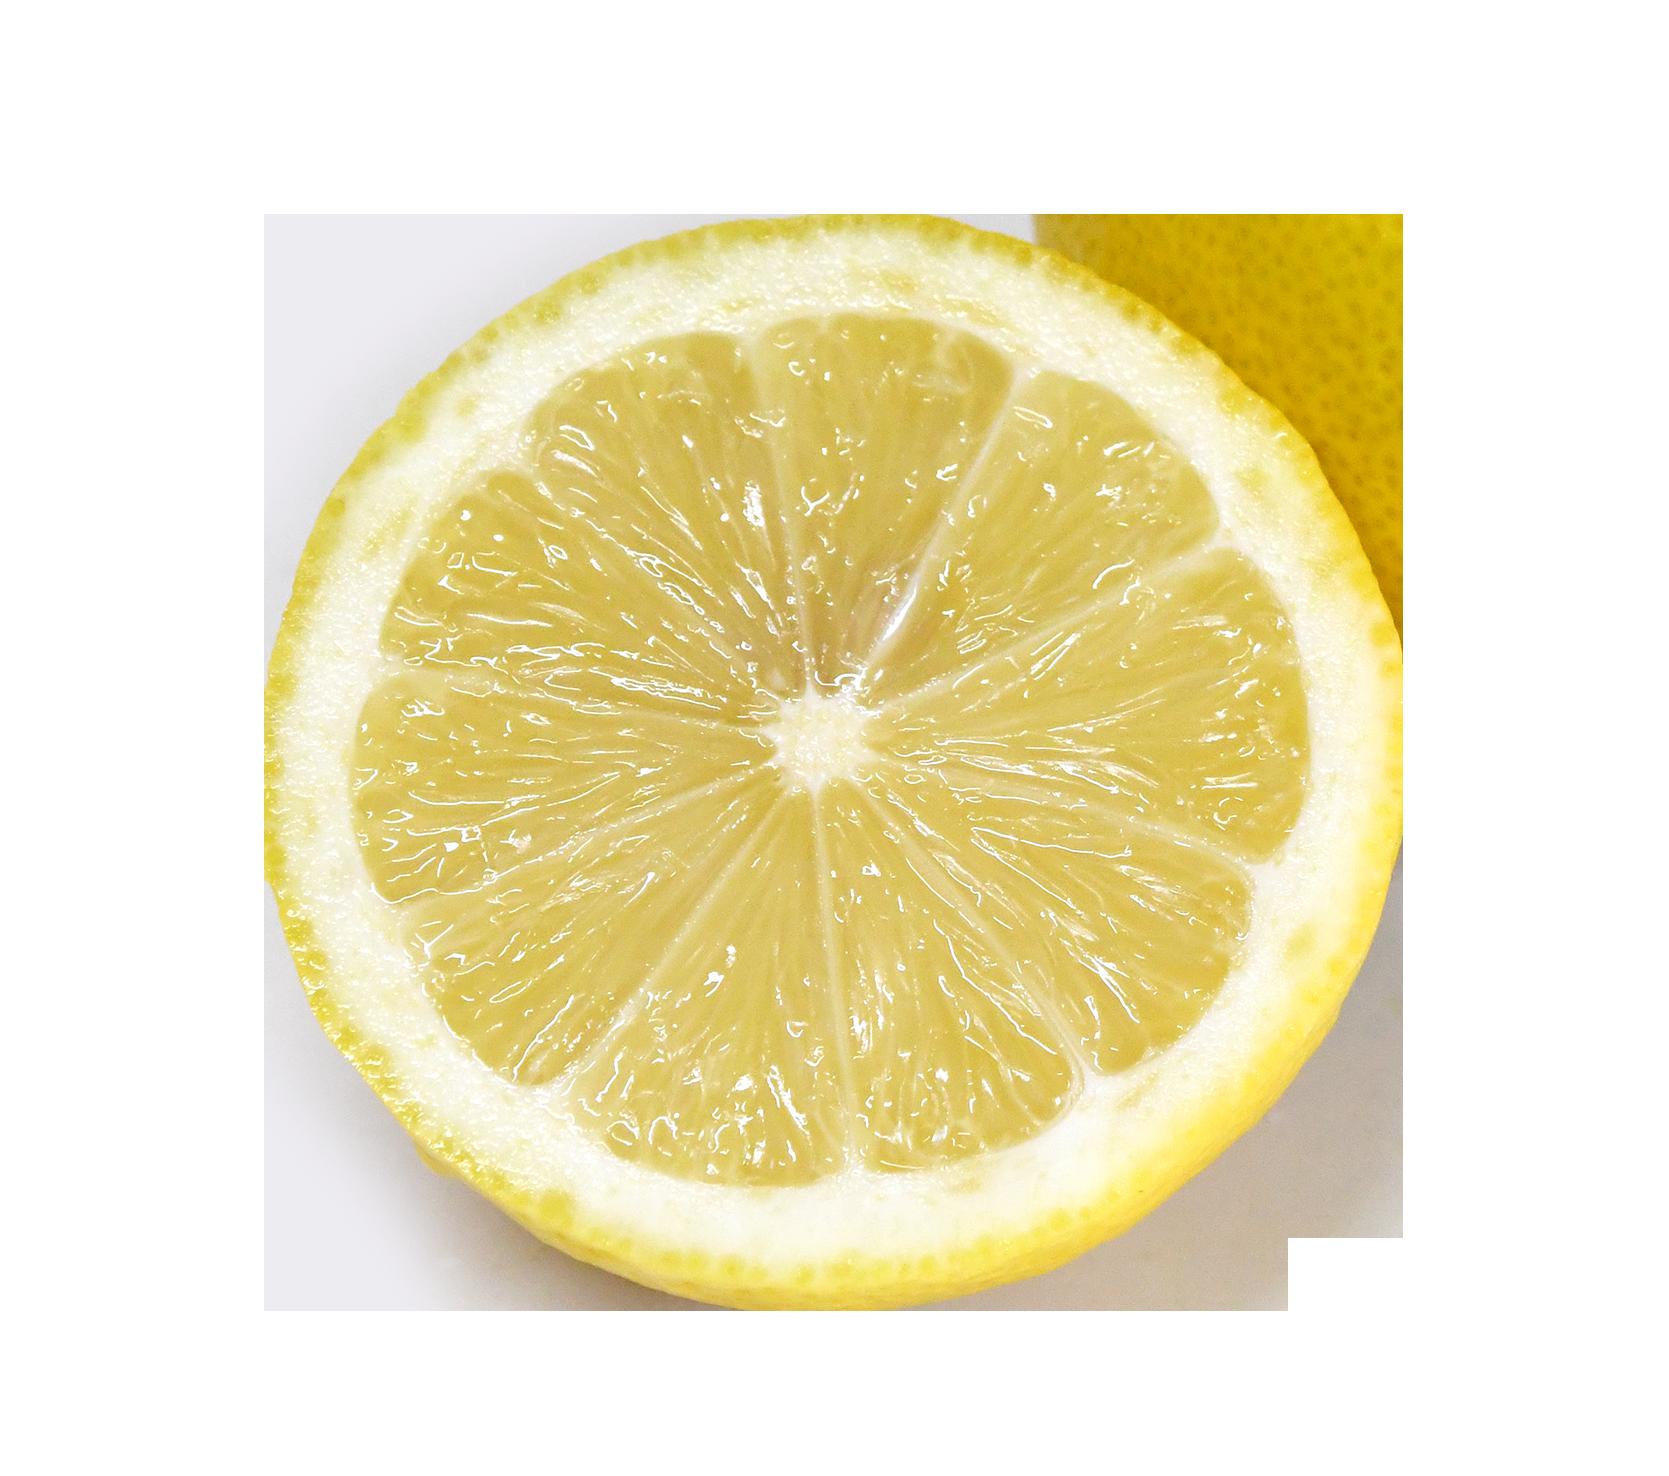 【切り抜き】レモンの輪切り